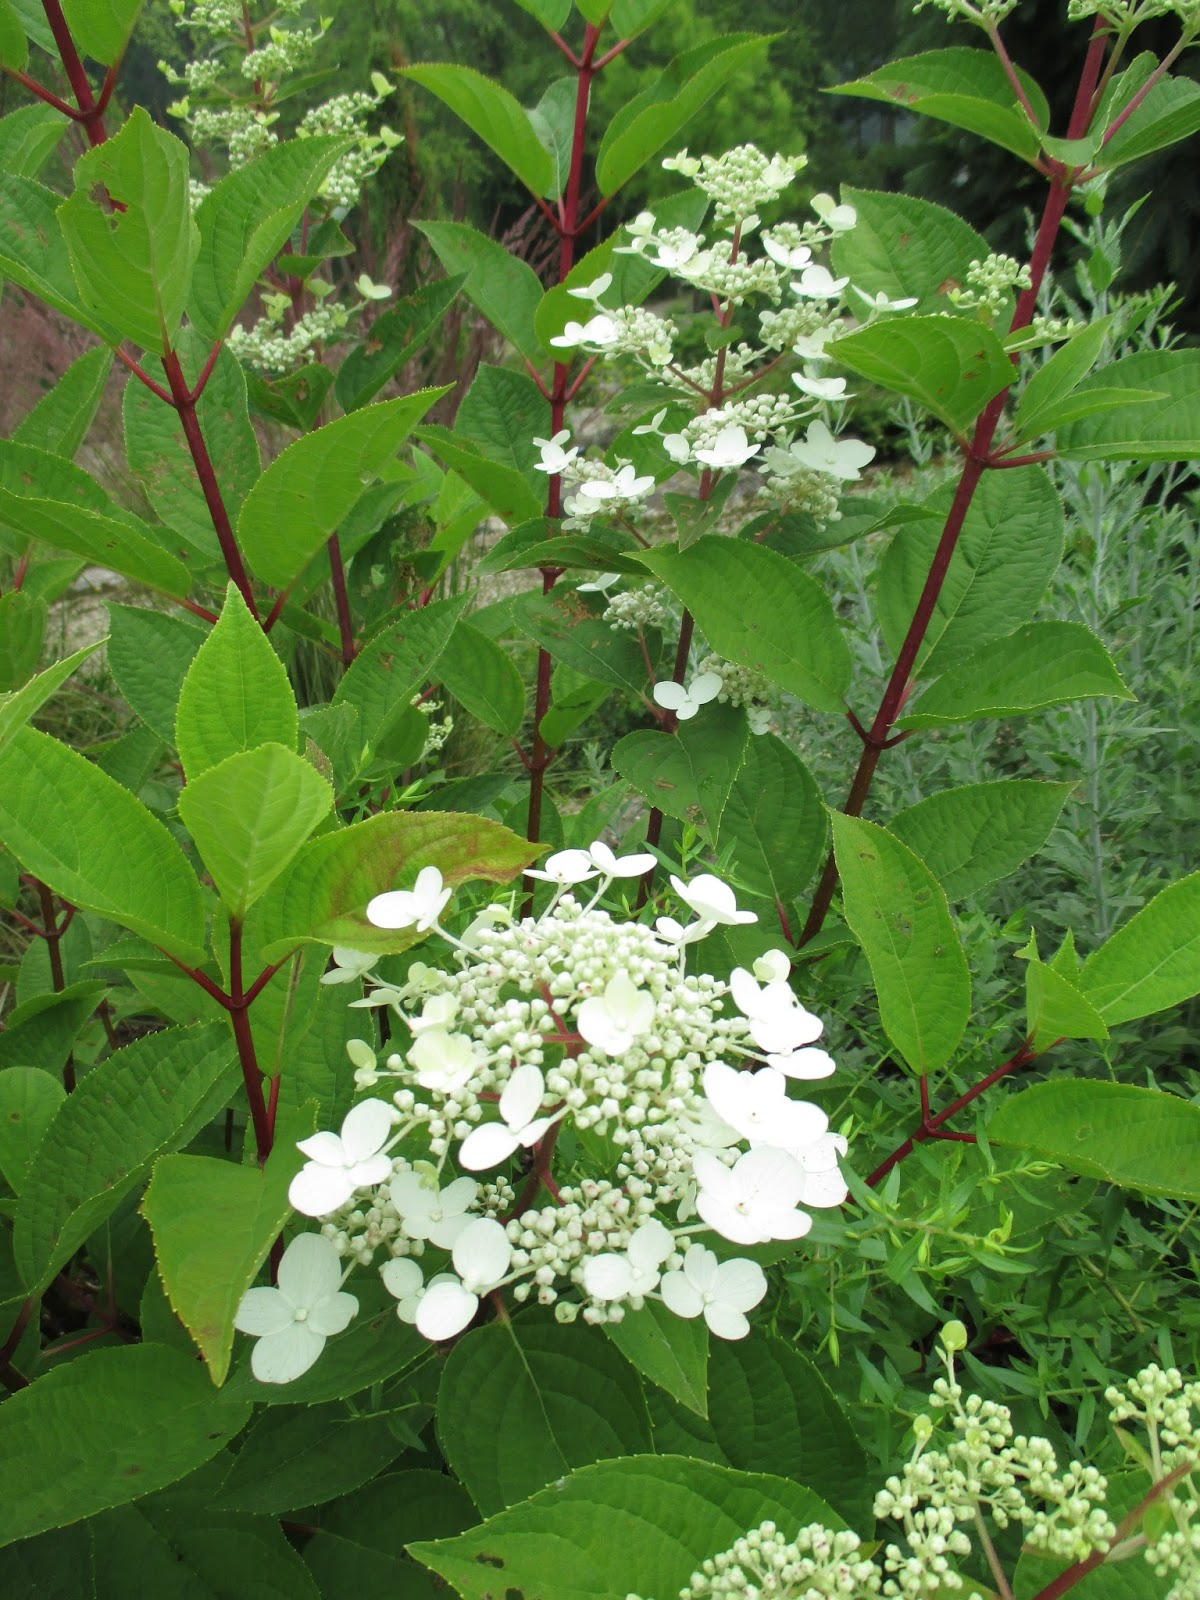 Red stemmed shrub garden design ideas - Olive garden bailey s crossroads ...